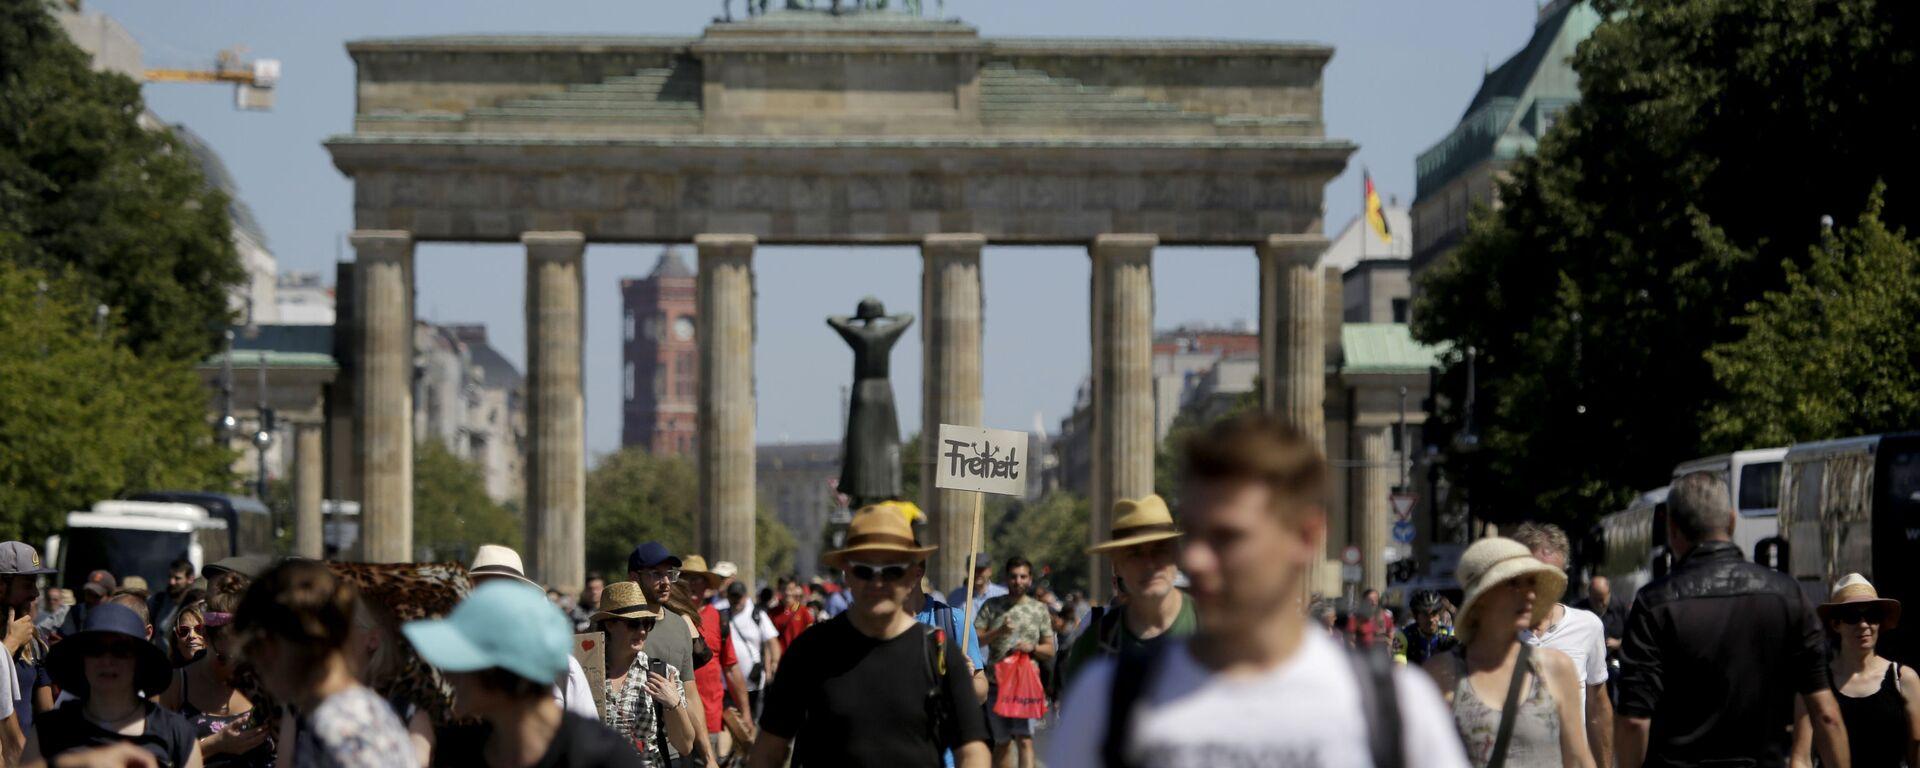 Uczestnicy protestu przeciwko wprowadzeniu ograniczeń z powodu pandemii COVID-19. Berlin, Niemcy - Sputnik Polska, 1920, 02.06.2021